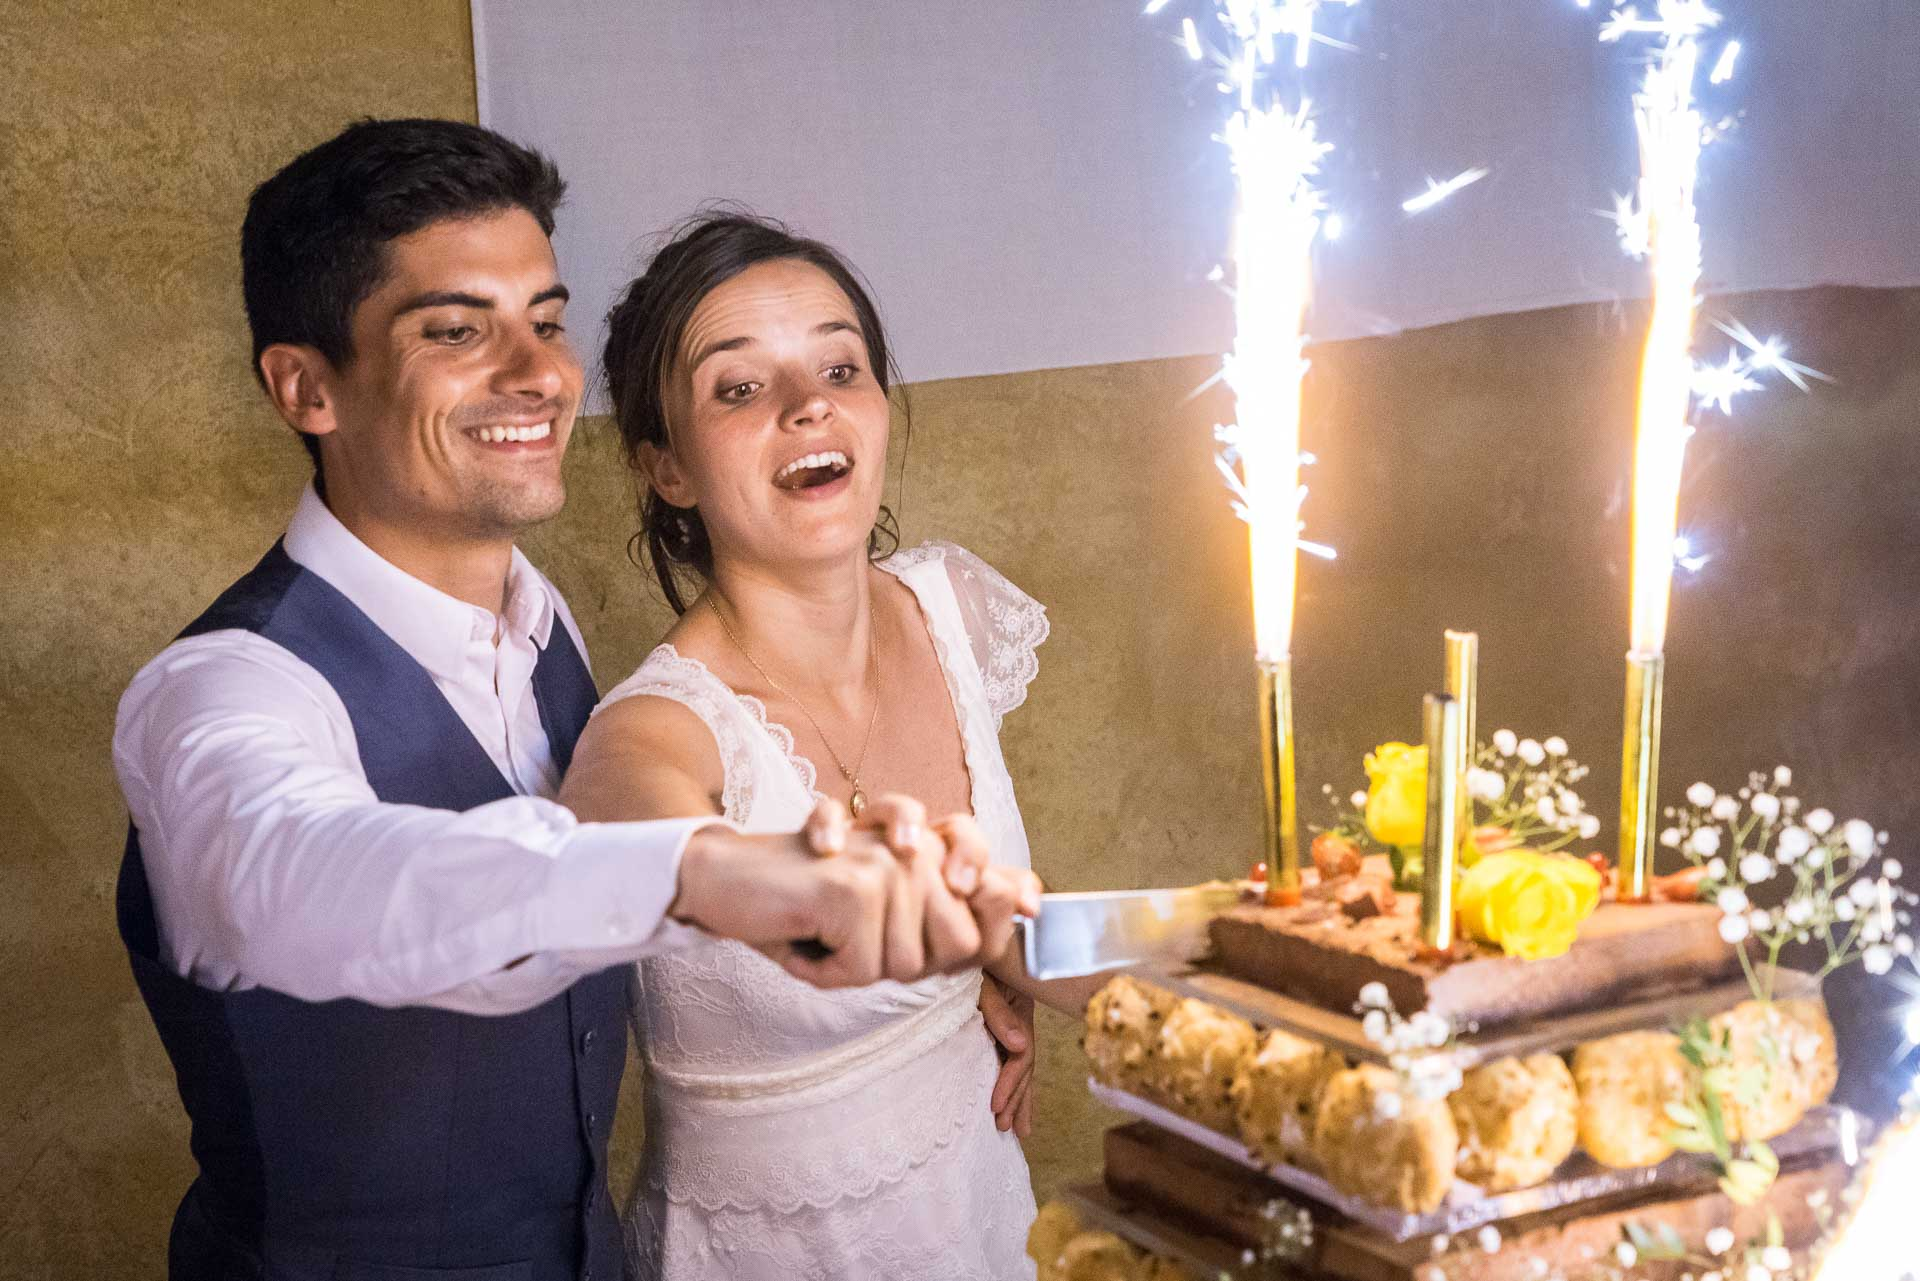 les mariés coupent le gâteau de mariage